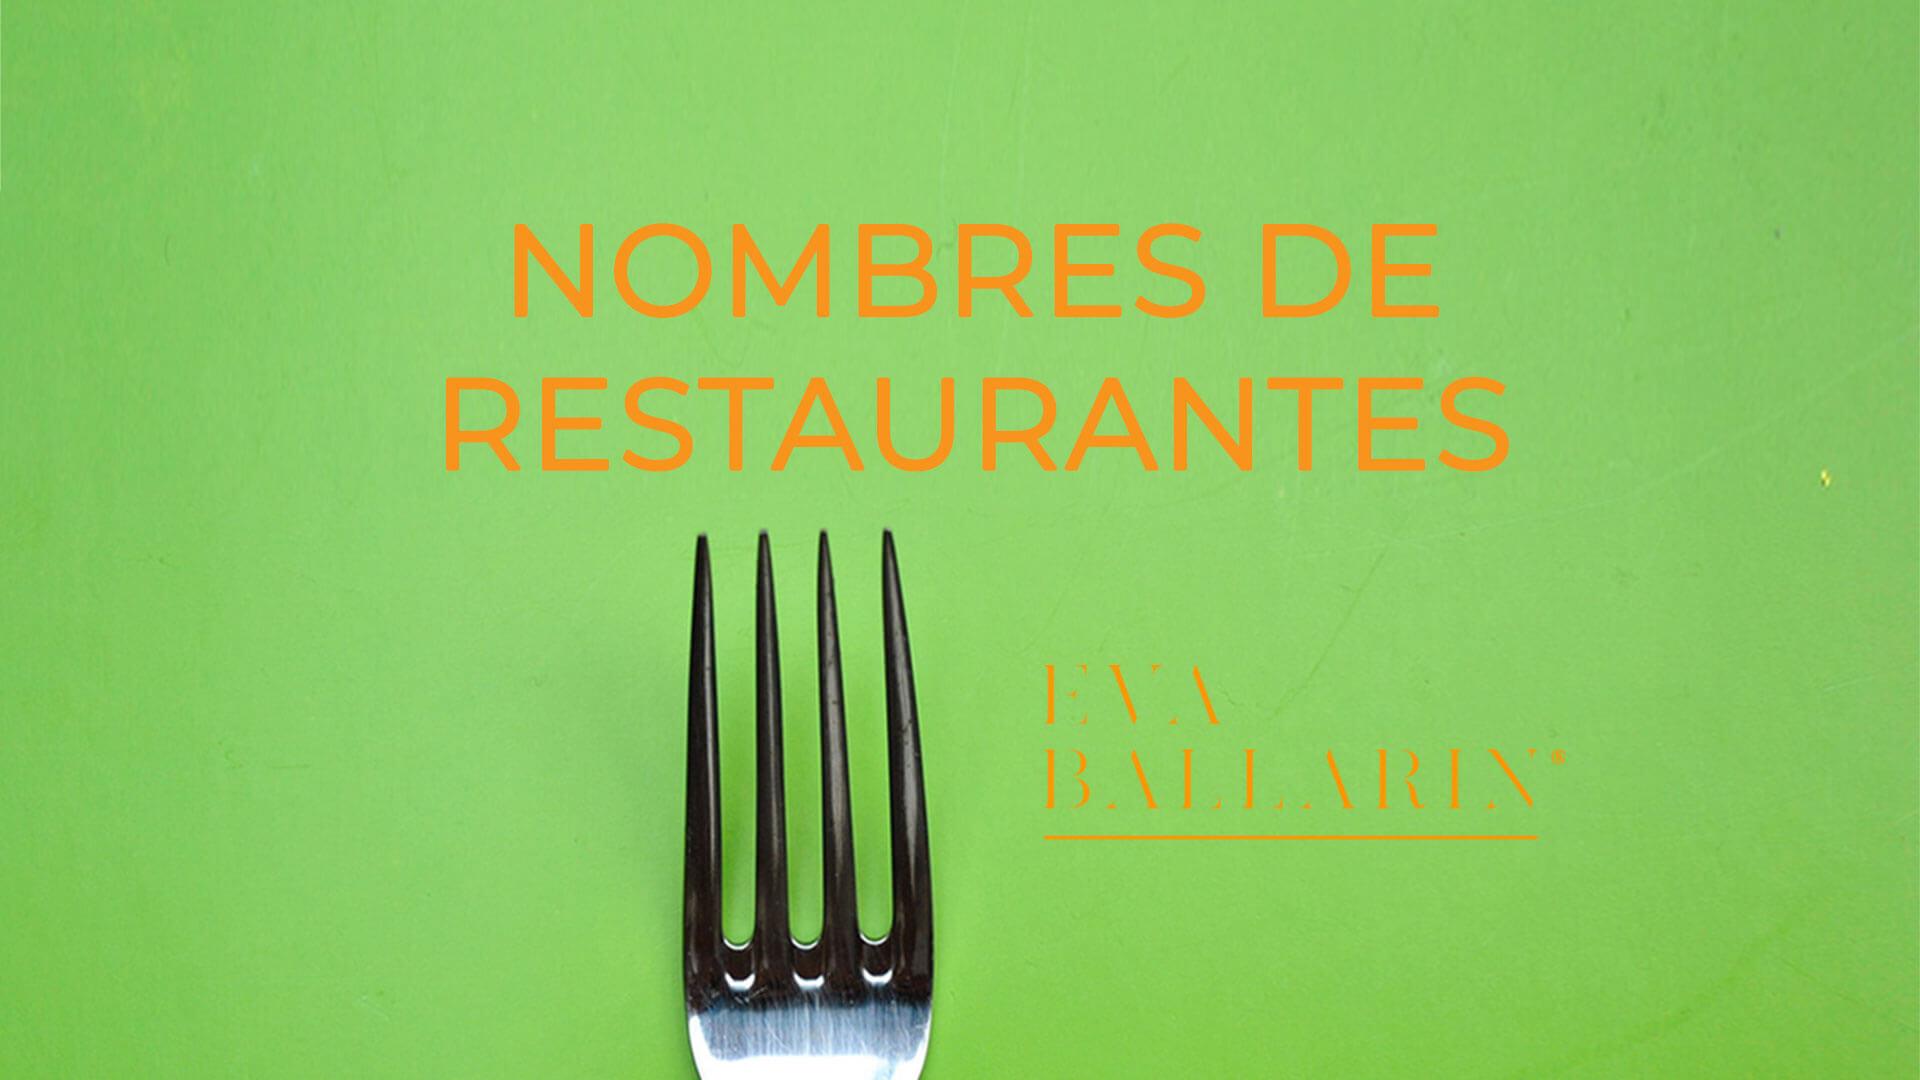 Nombres De Restaurantes Las Claves Para Elegir Eva Ballarin